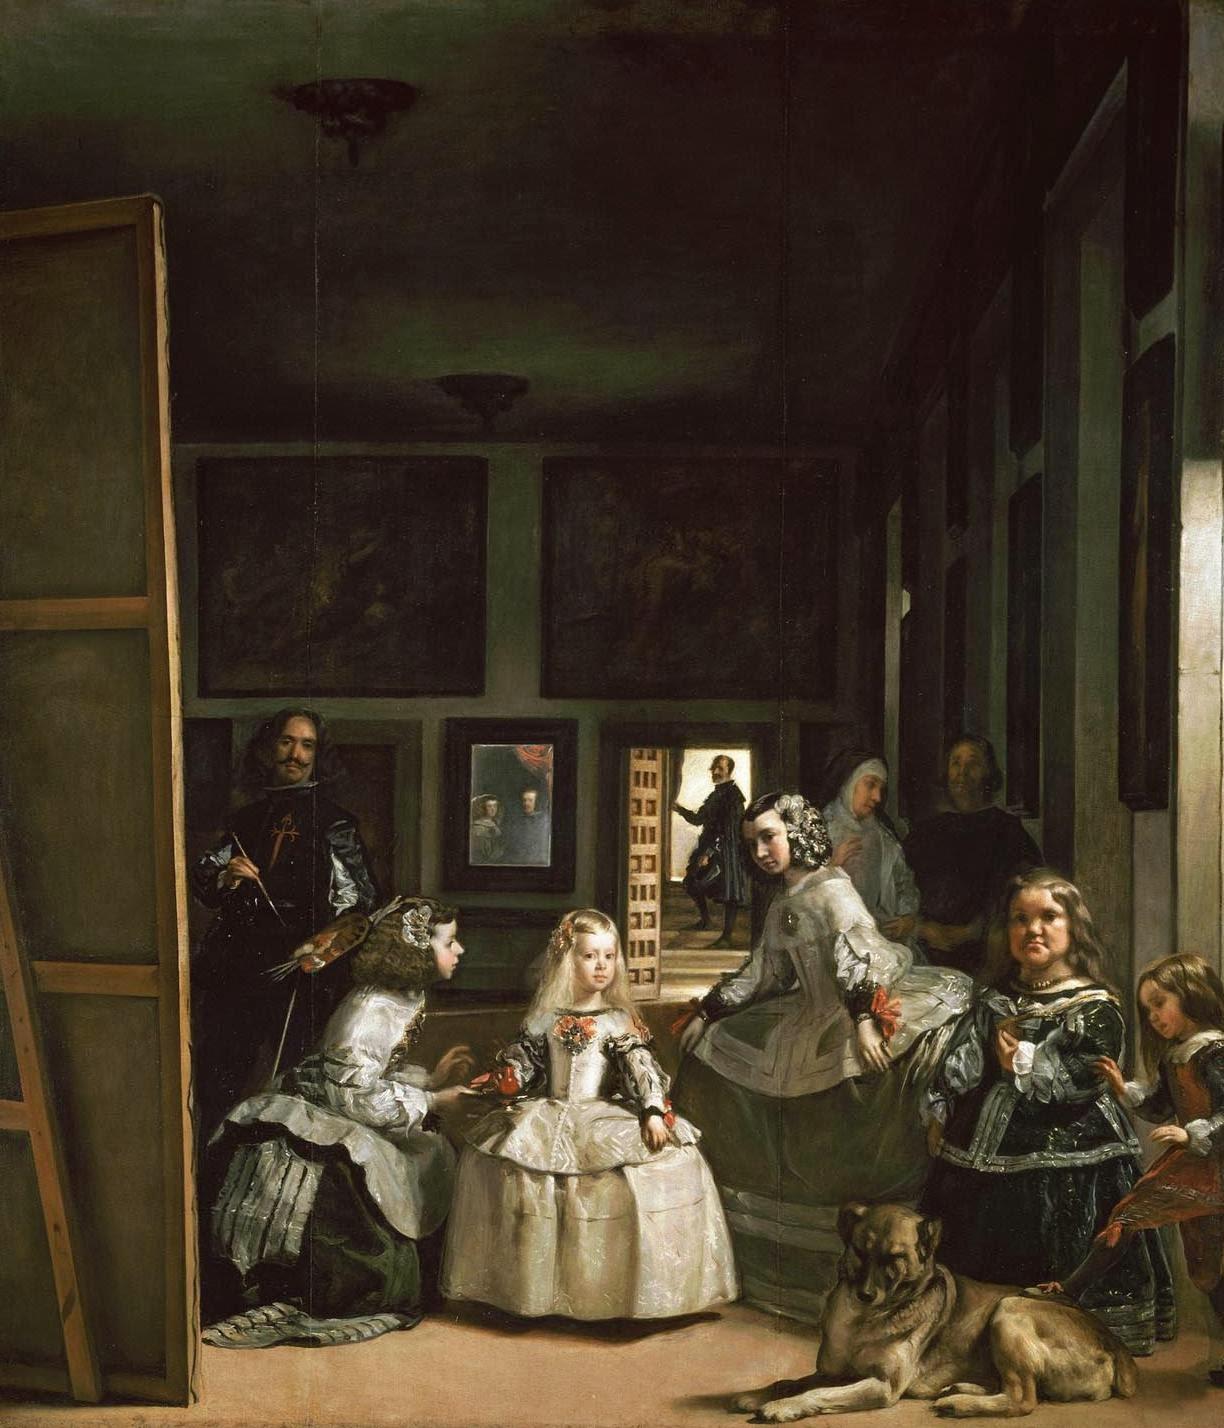 El primer selfie de la Historia - 1st selfie ever! - Las Meninas - Velázquez - el troblogdita - ÁlvaroGP - Director General IAA-Spain - Asociación Internacional de Publicistas - International Advertising Association